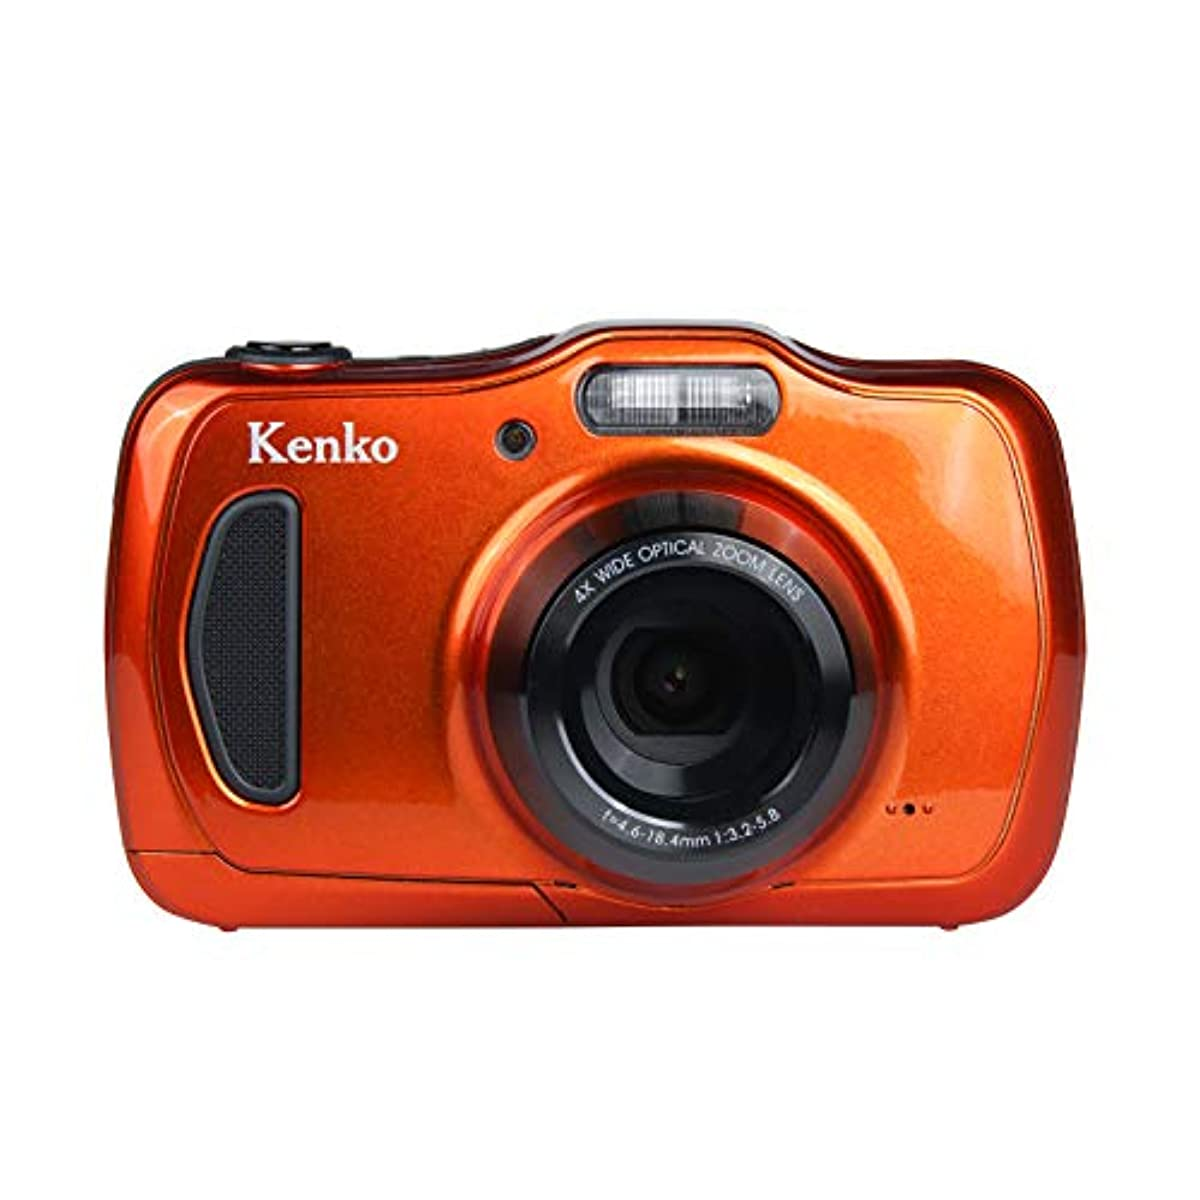 [해외] KENKO 디지털 카메라 DSC200WP 방진방수 IP58 2016만 화소 광학4배 줌 1M내 충격 오렌지 438589